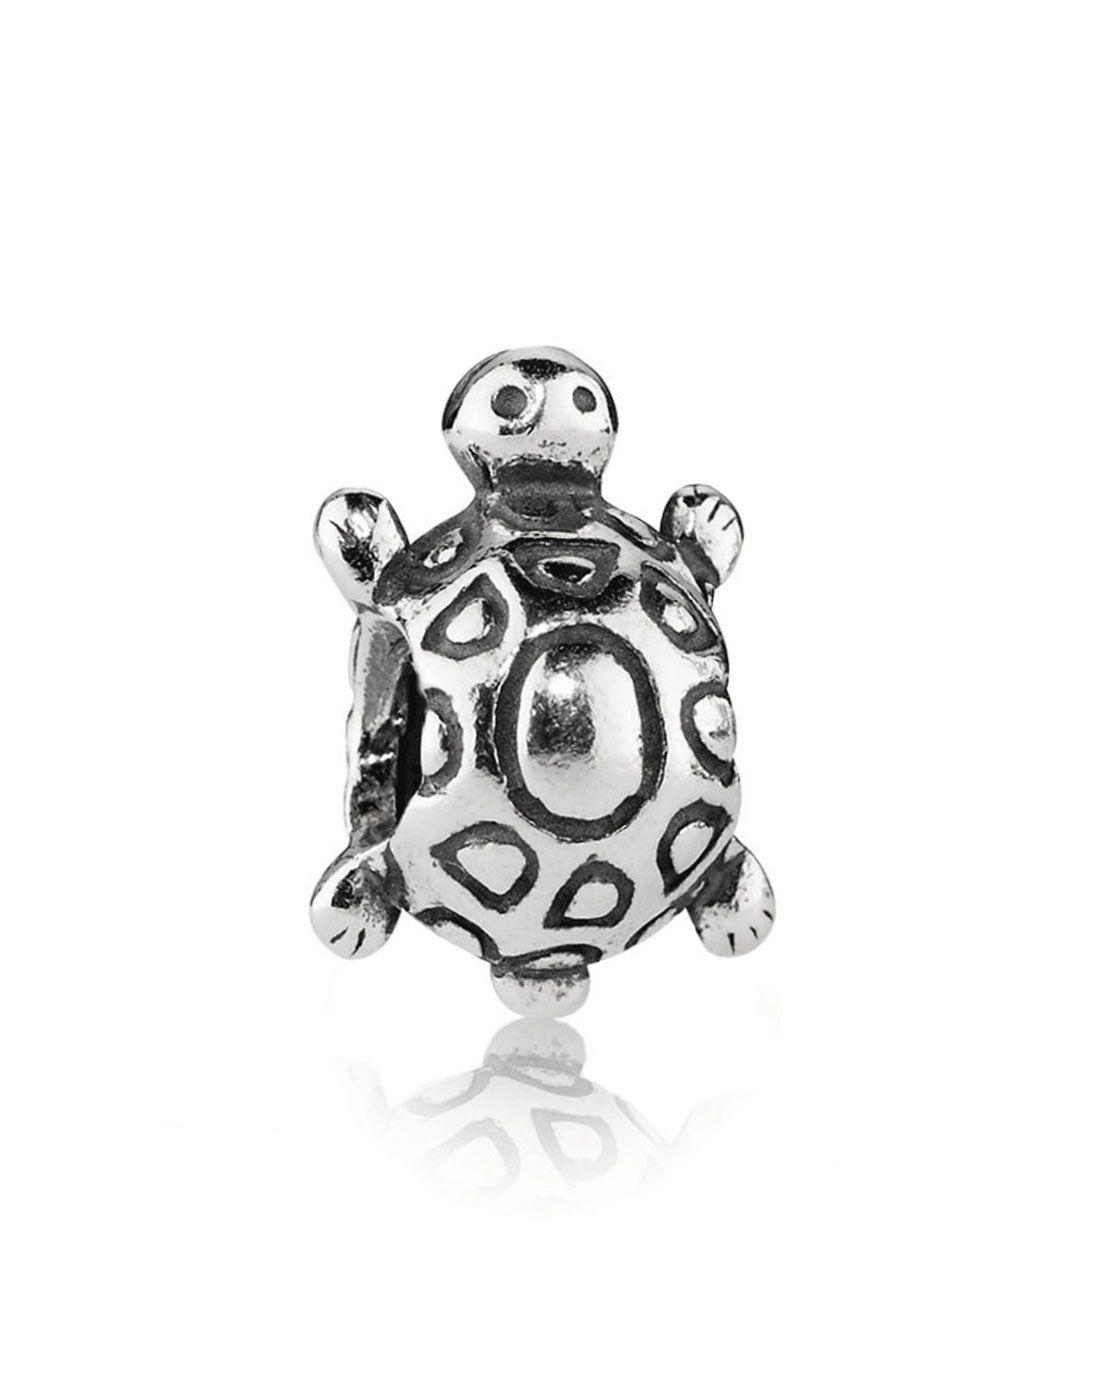 pandora潘多拉 可爱动物-小乌龟 925纯银串饰790158